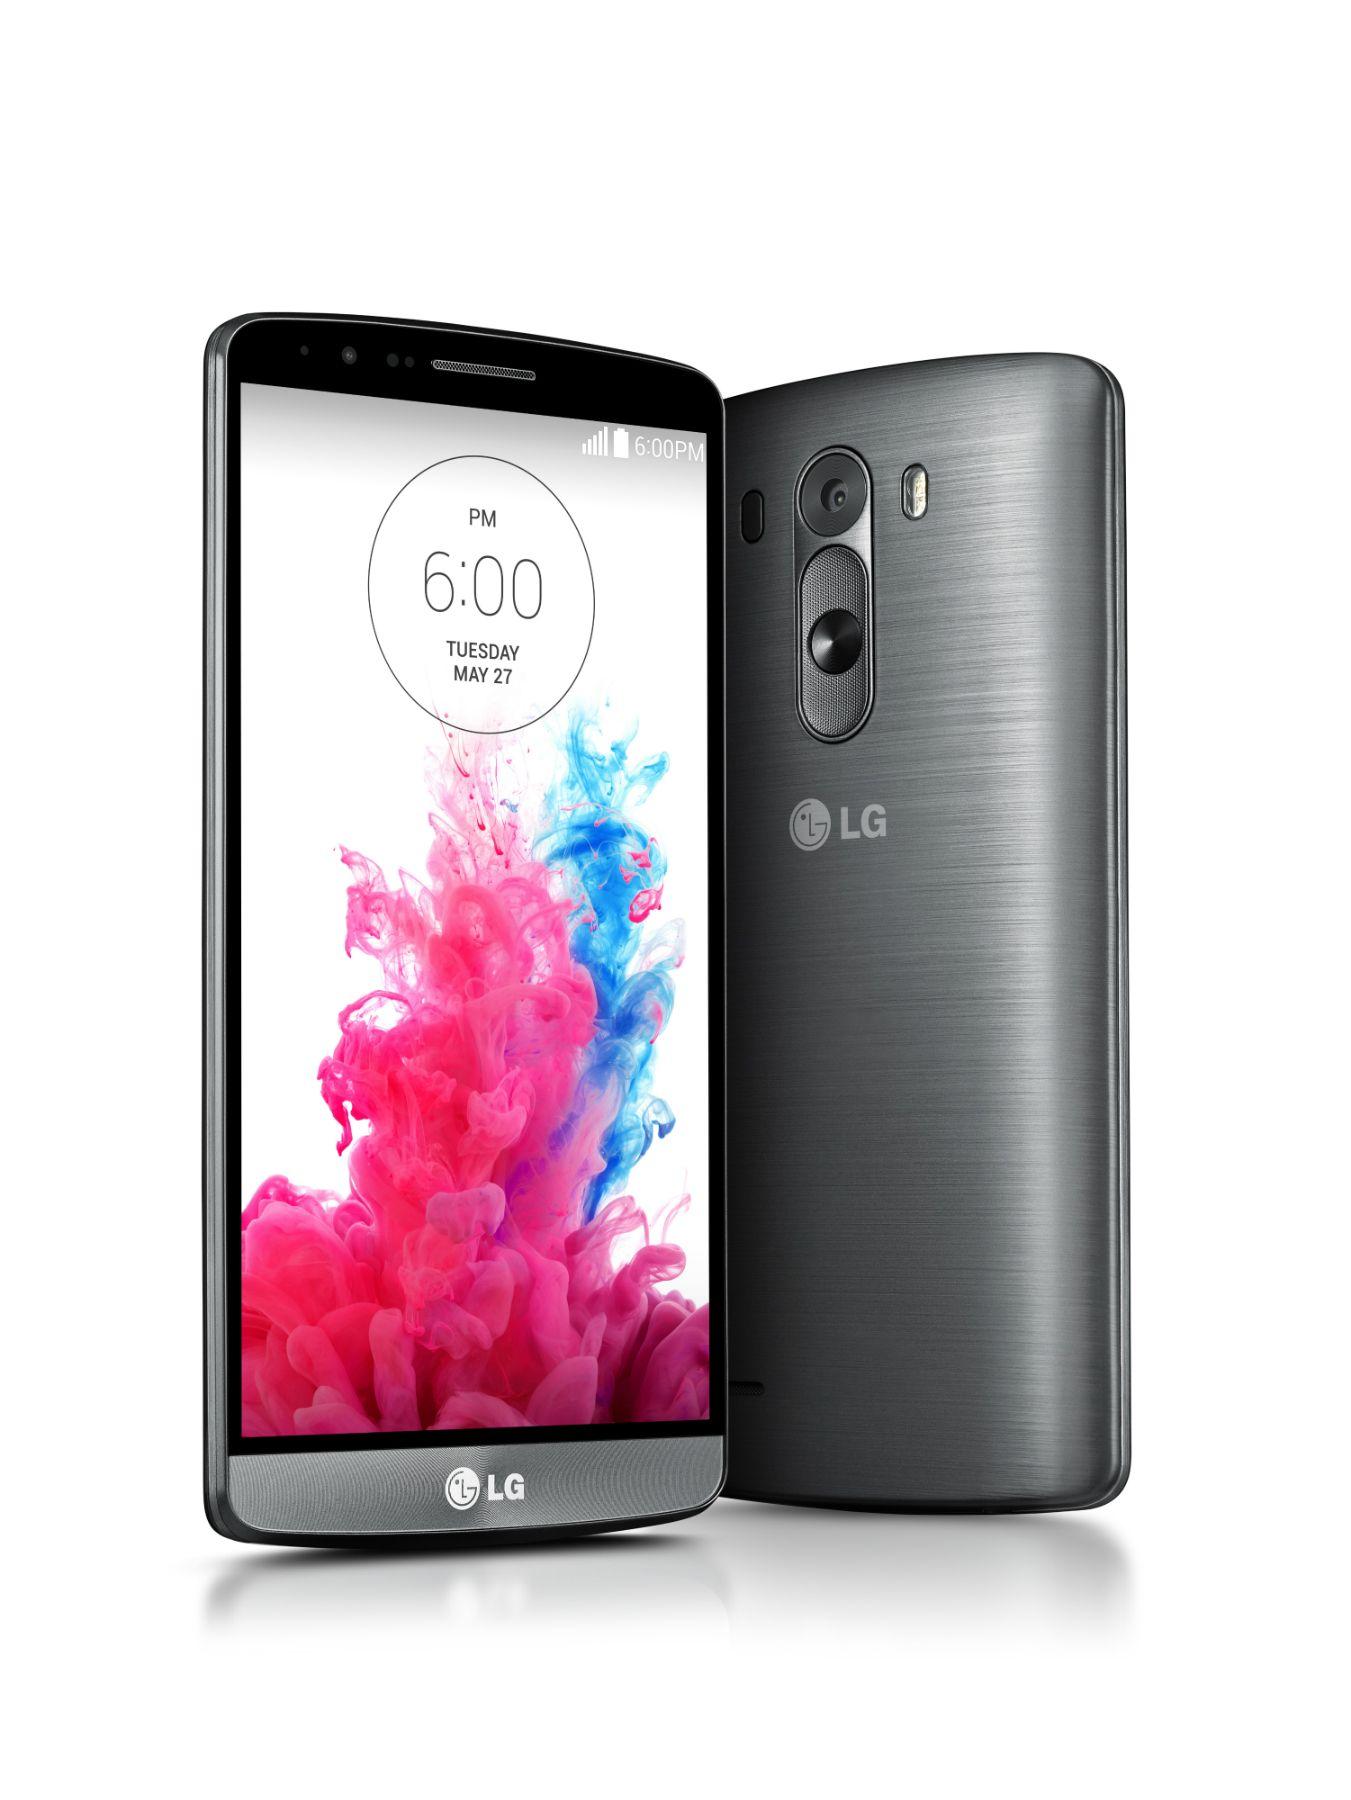 8ec91611a69 ... todo sobre el nuevo LG G3, un un auténtico supersmartphone con el que  la firma coreana ha sabido ir un paso más allá con respecto al LG G2, pero  también ...